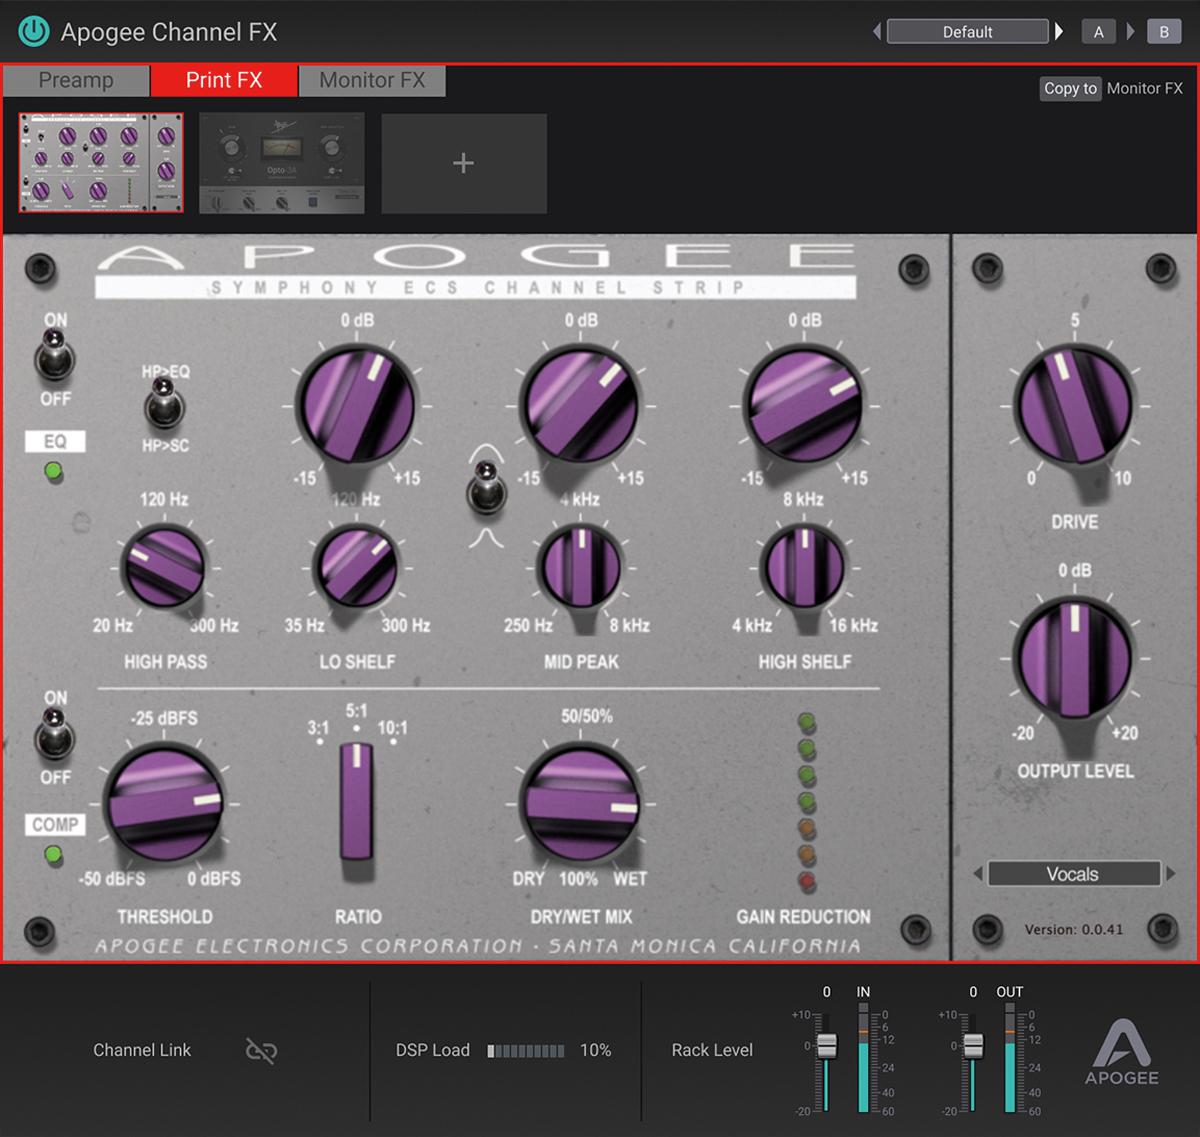 Symphony Desktopに付属するプラグイン、Symphony ECS Channel Strip。ボブ・クリアマウンテンによってチューニングされたチャンネル・ストリップだ。DAW上でCPUネイティブ(AAX/AU/VST)で動作するほか、Symphony Desktopの内蔵DSPを使ったかけ録りも可能。DSP動作によってレイテンシー無くモニターを行い、レコーディングができる。今後のアップデートによって、モニター音のみにエフェクトを適用したり、モニター音用とDAWのトラックにインサートしたプラグインが連動するDualPath Linkにも対応予定